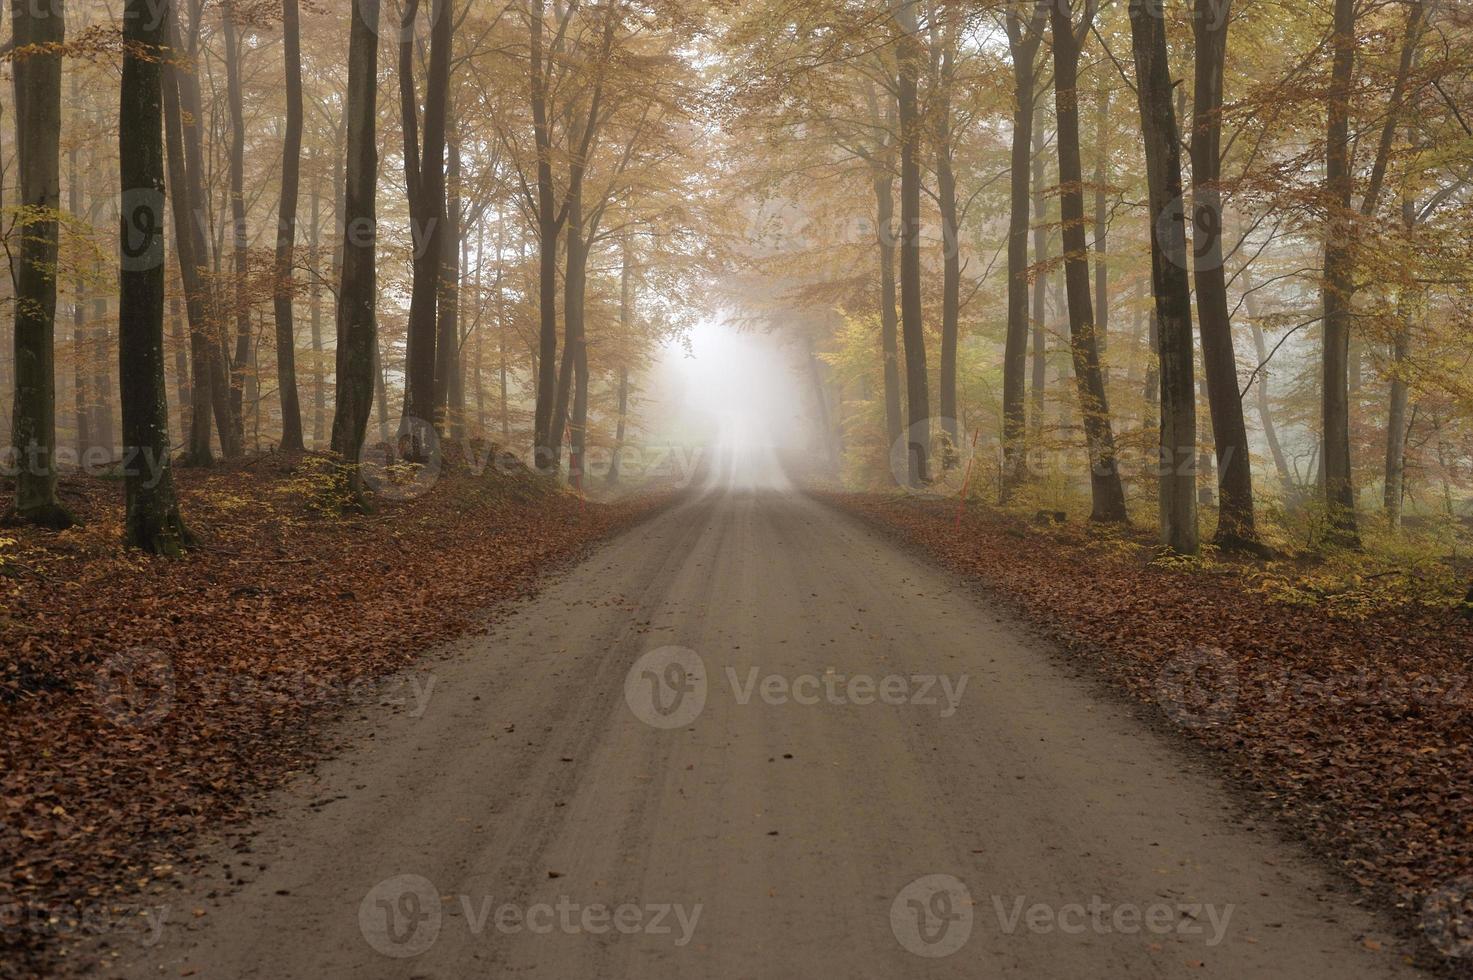 onverharde weg in een mistige beukenbos foto